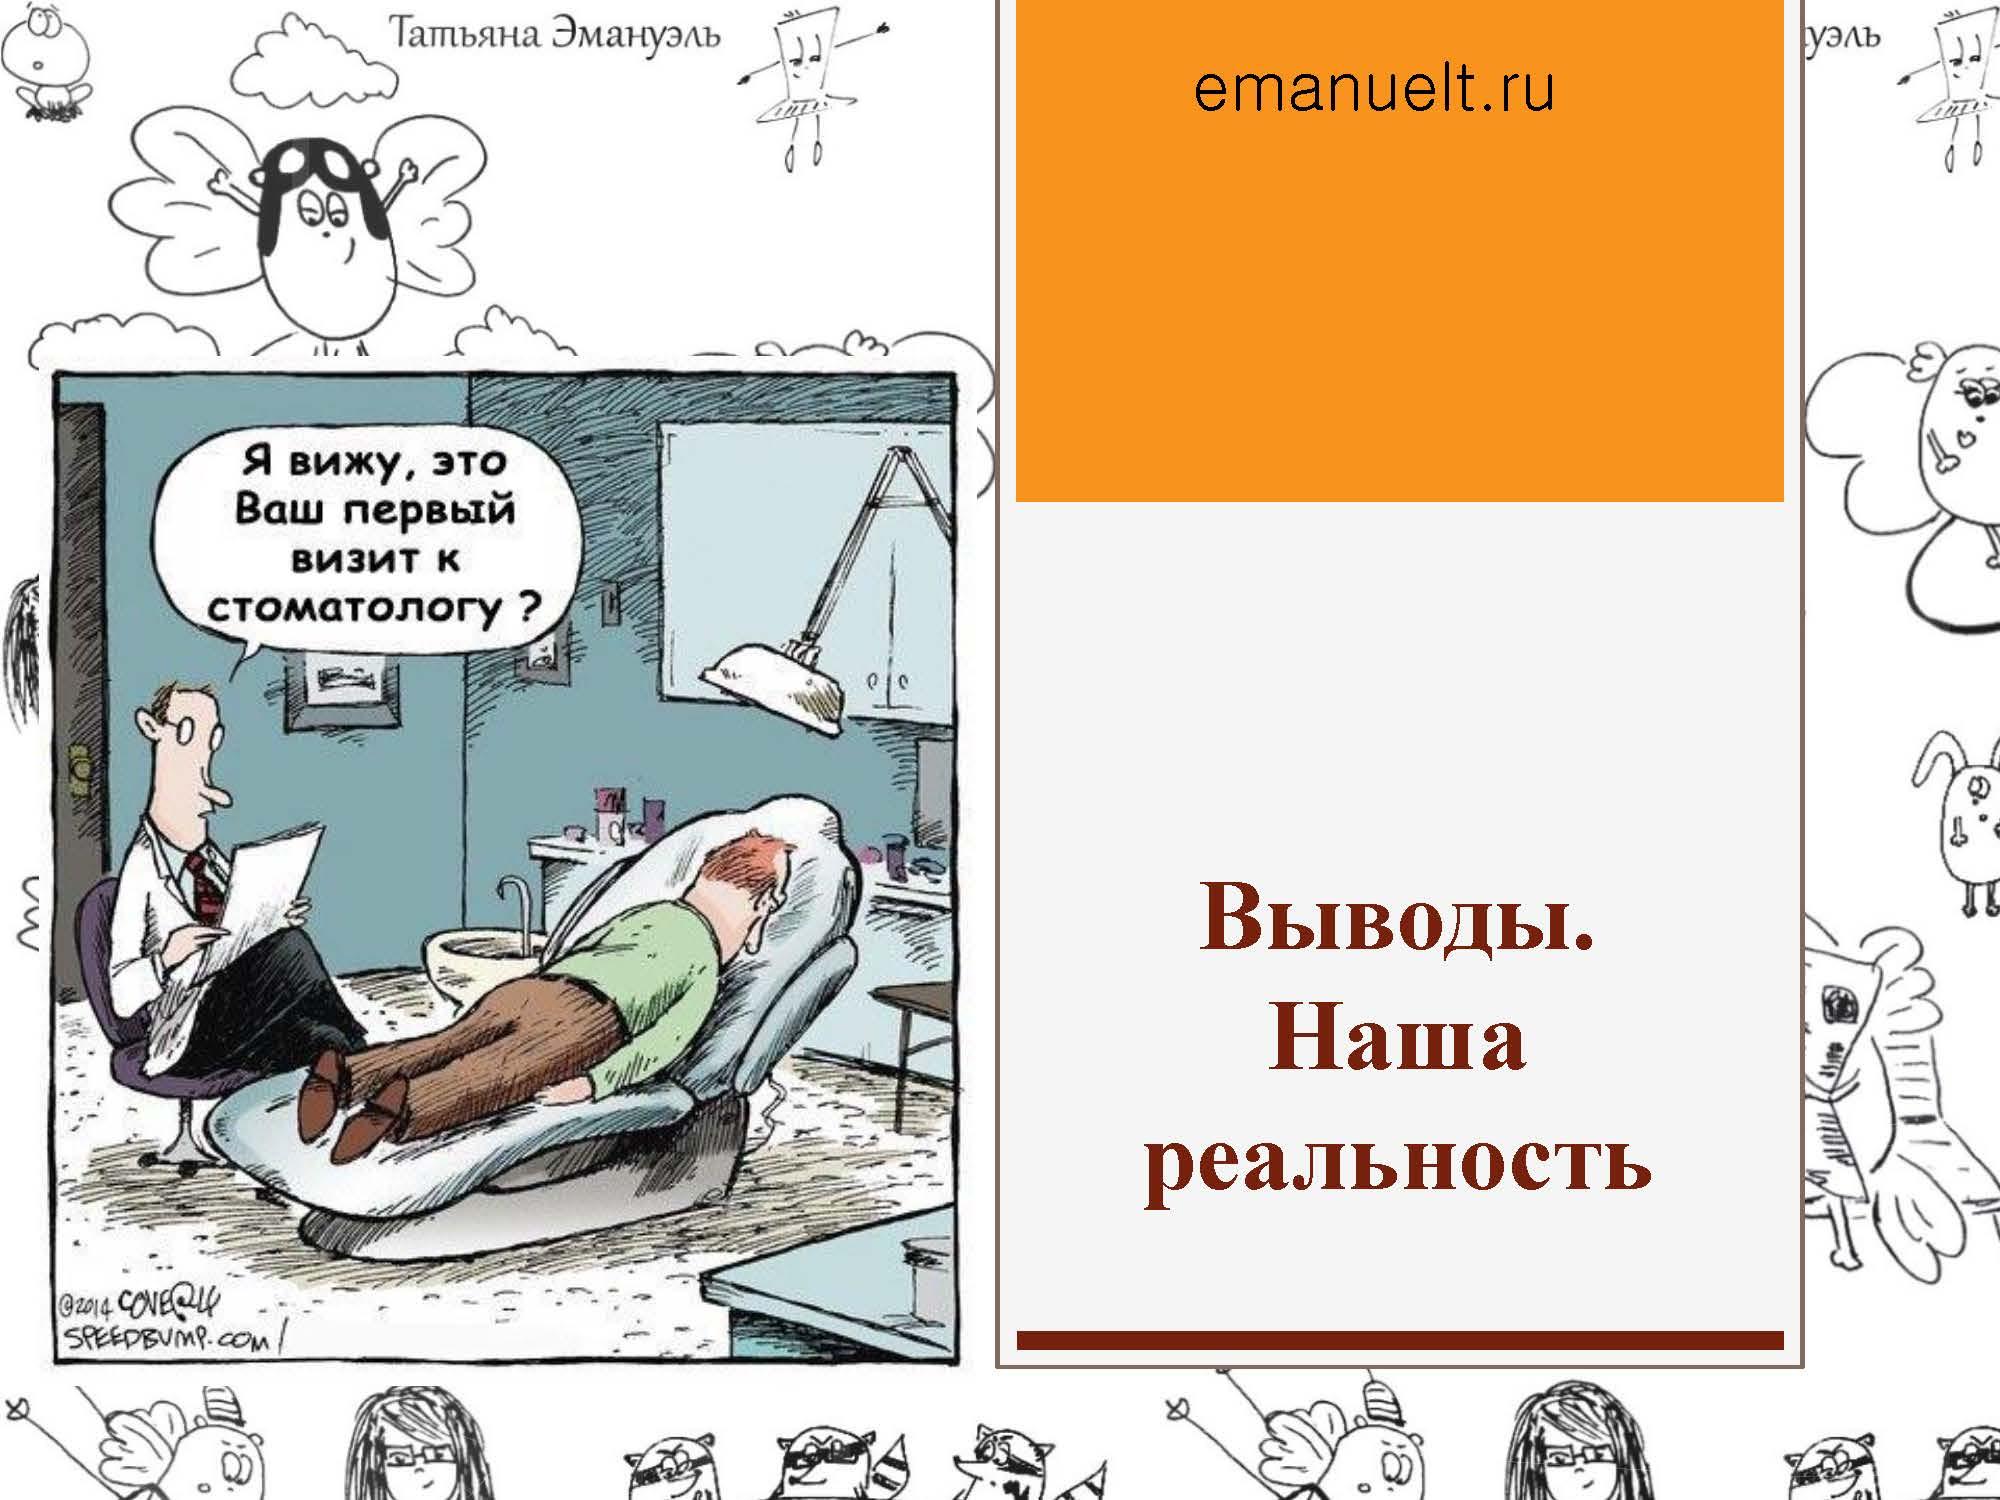 секция 8. Эмануэль Т.С., Московский район_Страница_54